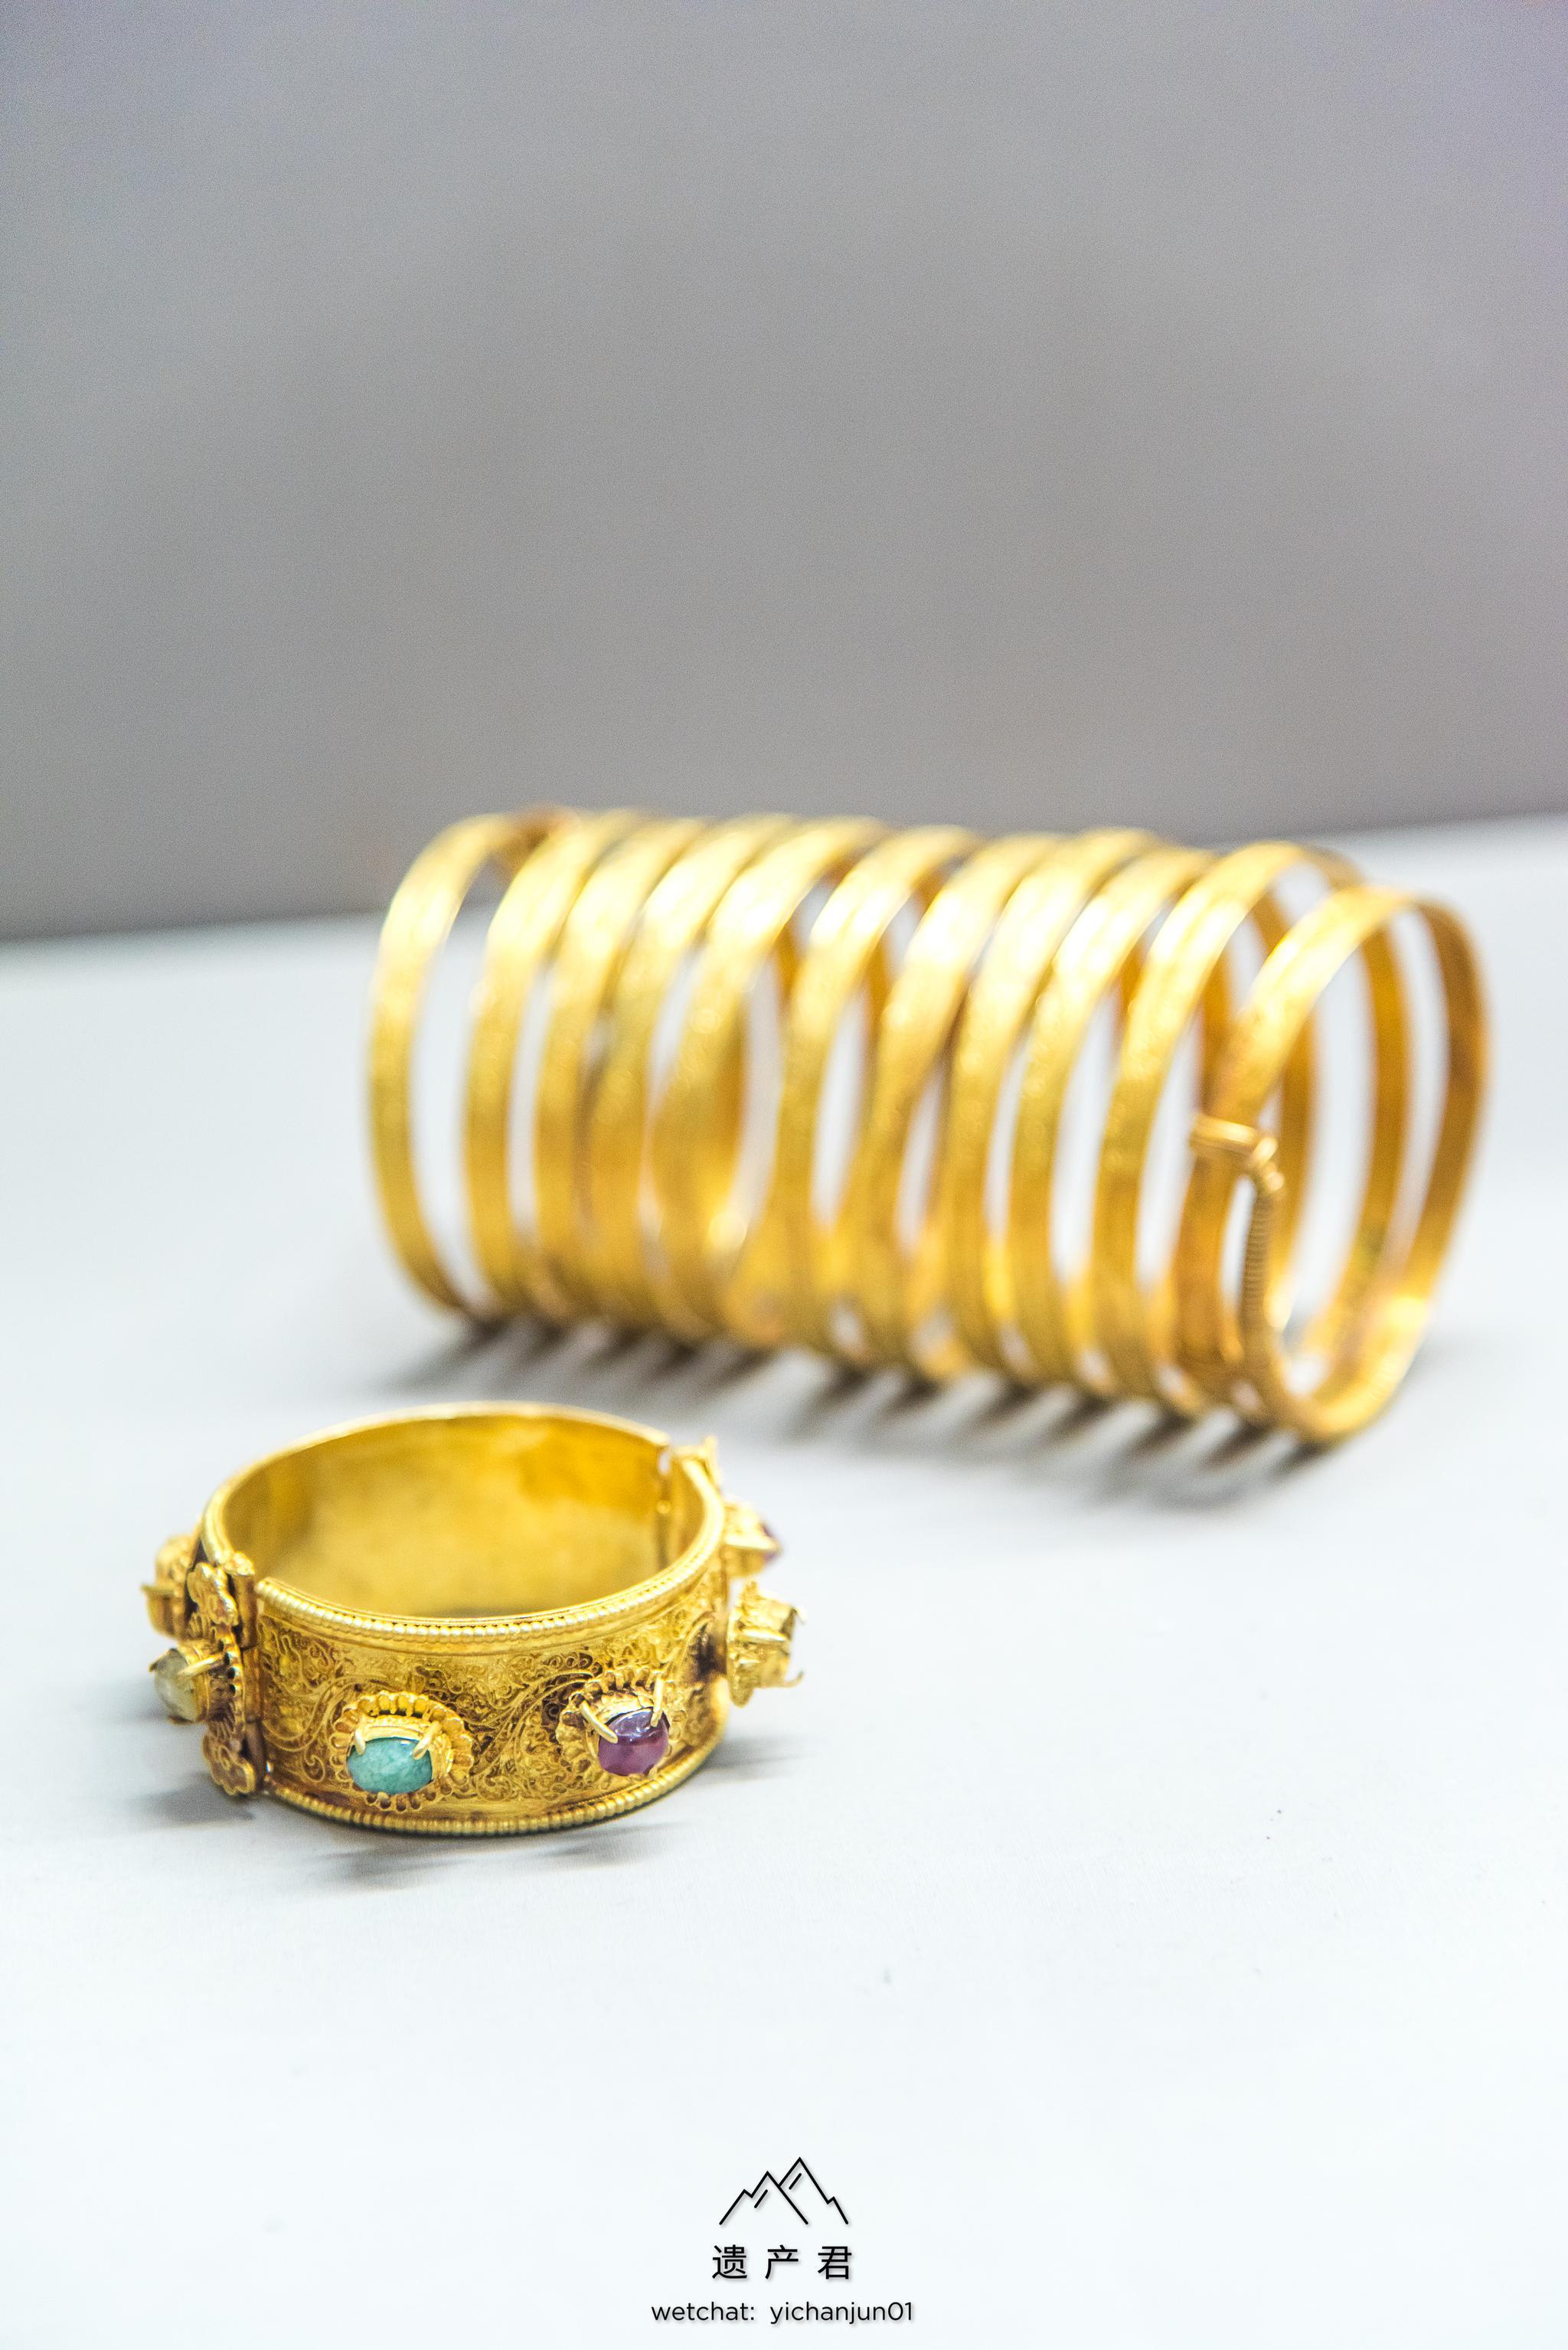 月野�_湖北省博物馆藏· 明代金镶宝石镯和金圆形金钑花钏